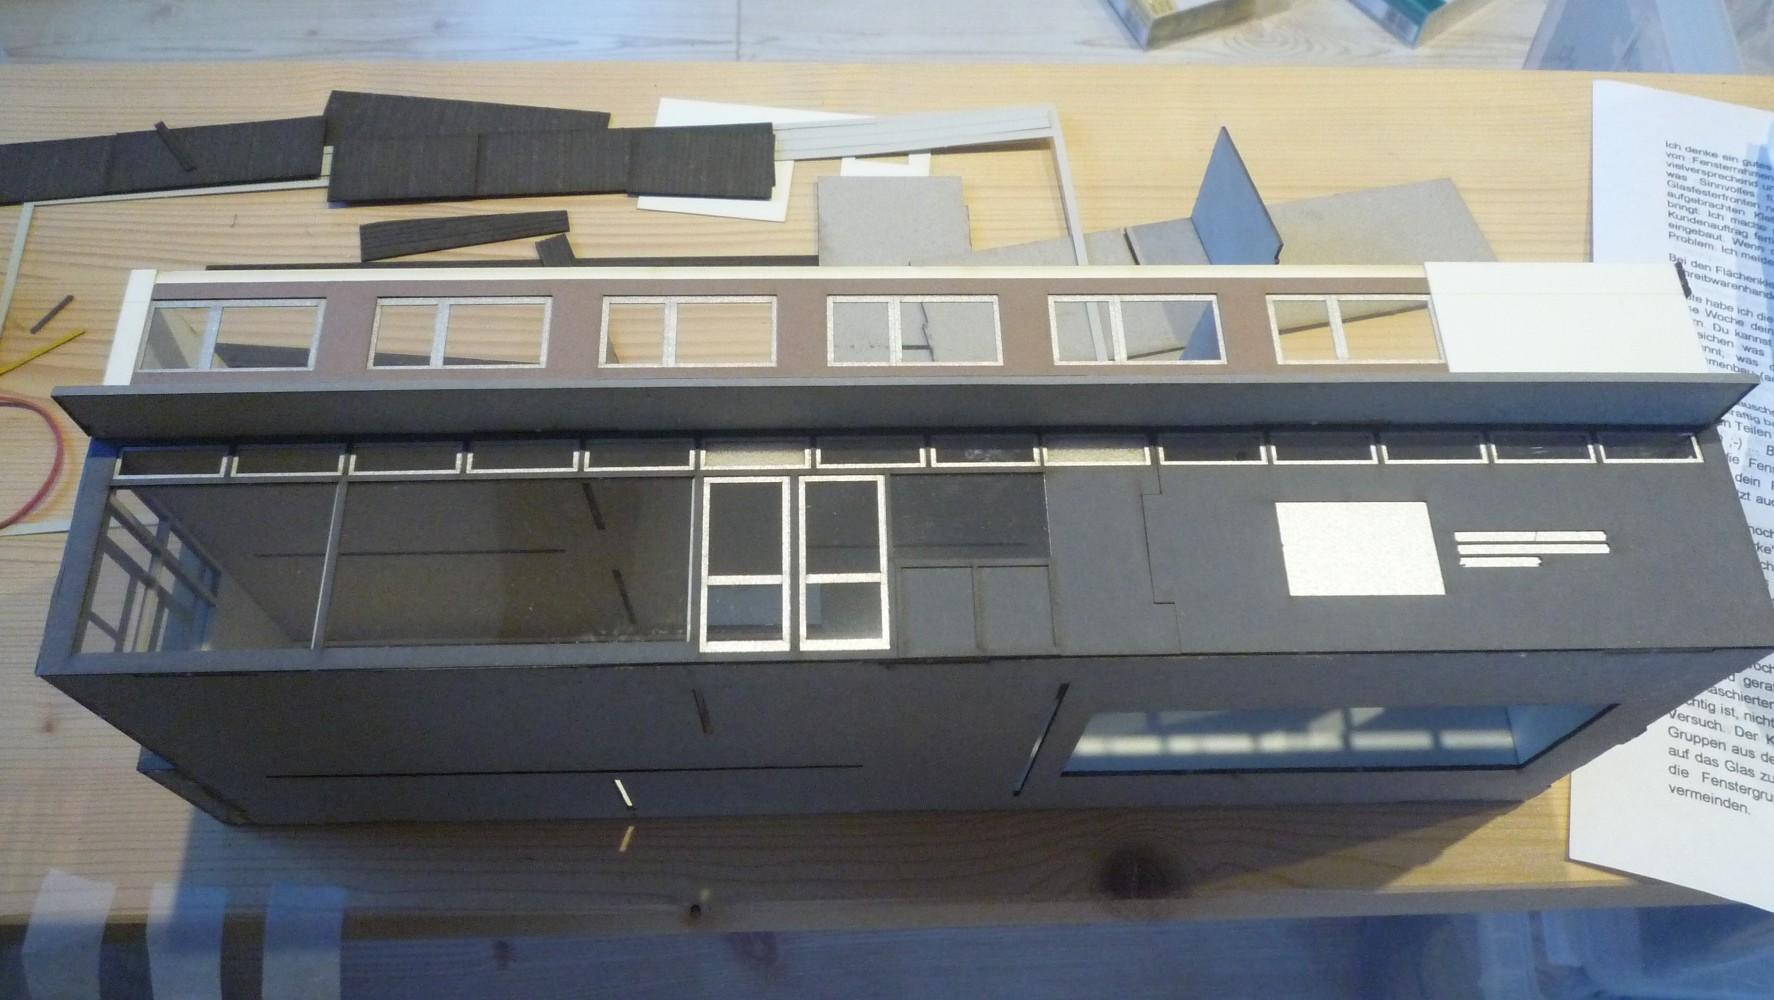 schmalspur modell forum thema anzeigen die zillertalbahn im modell mayrhofen. Black Bedroom Furniture Sets. Home Design Ideas